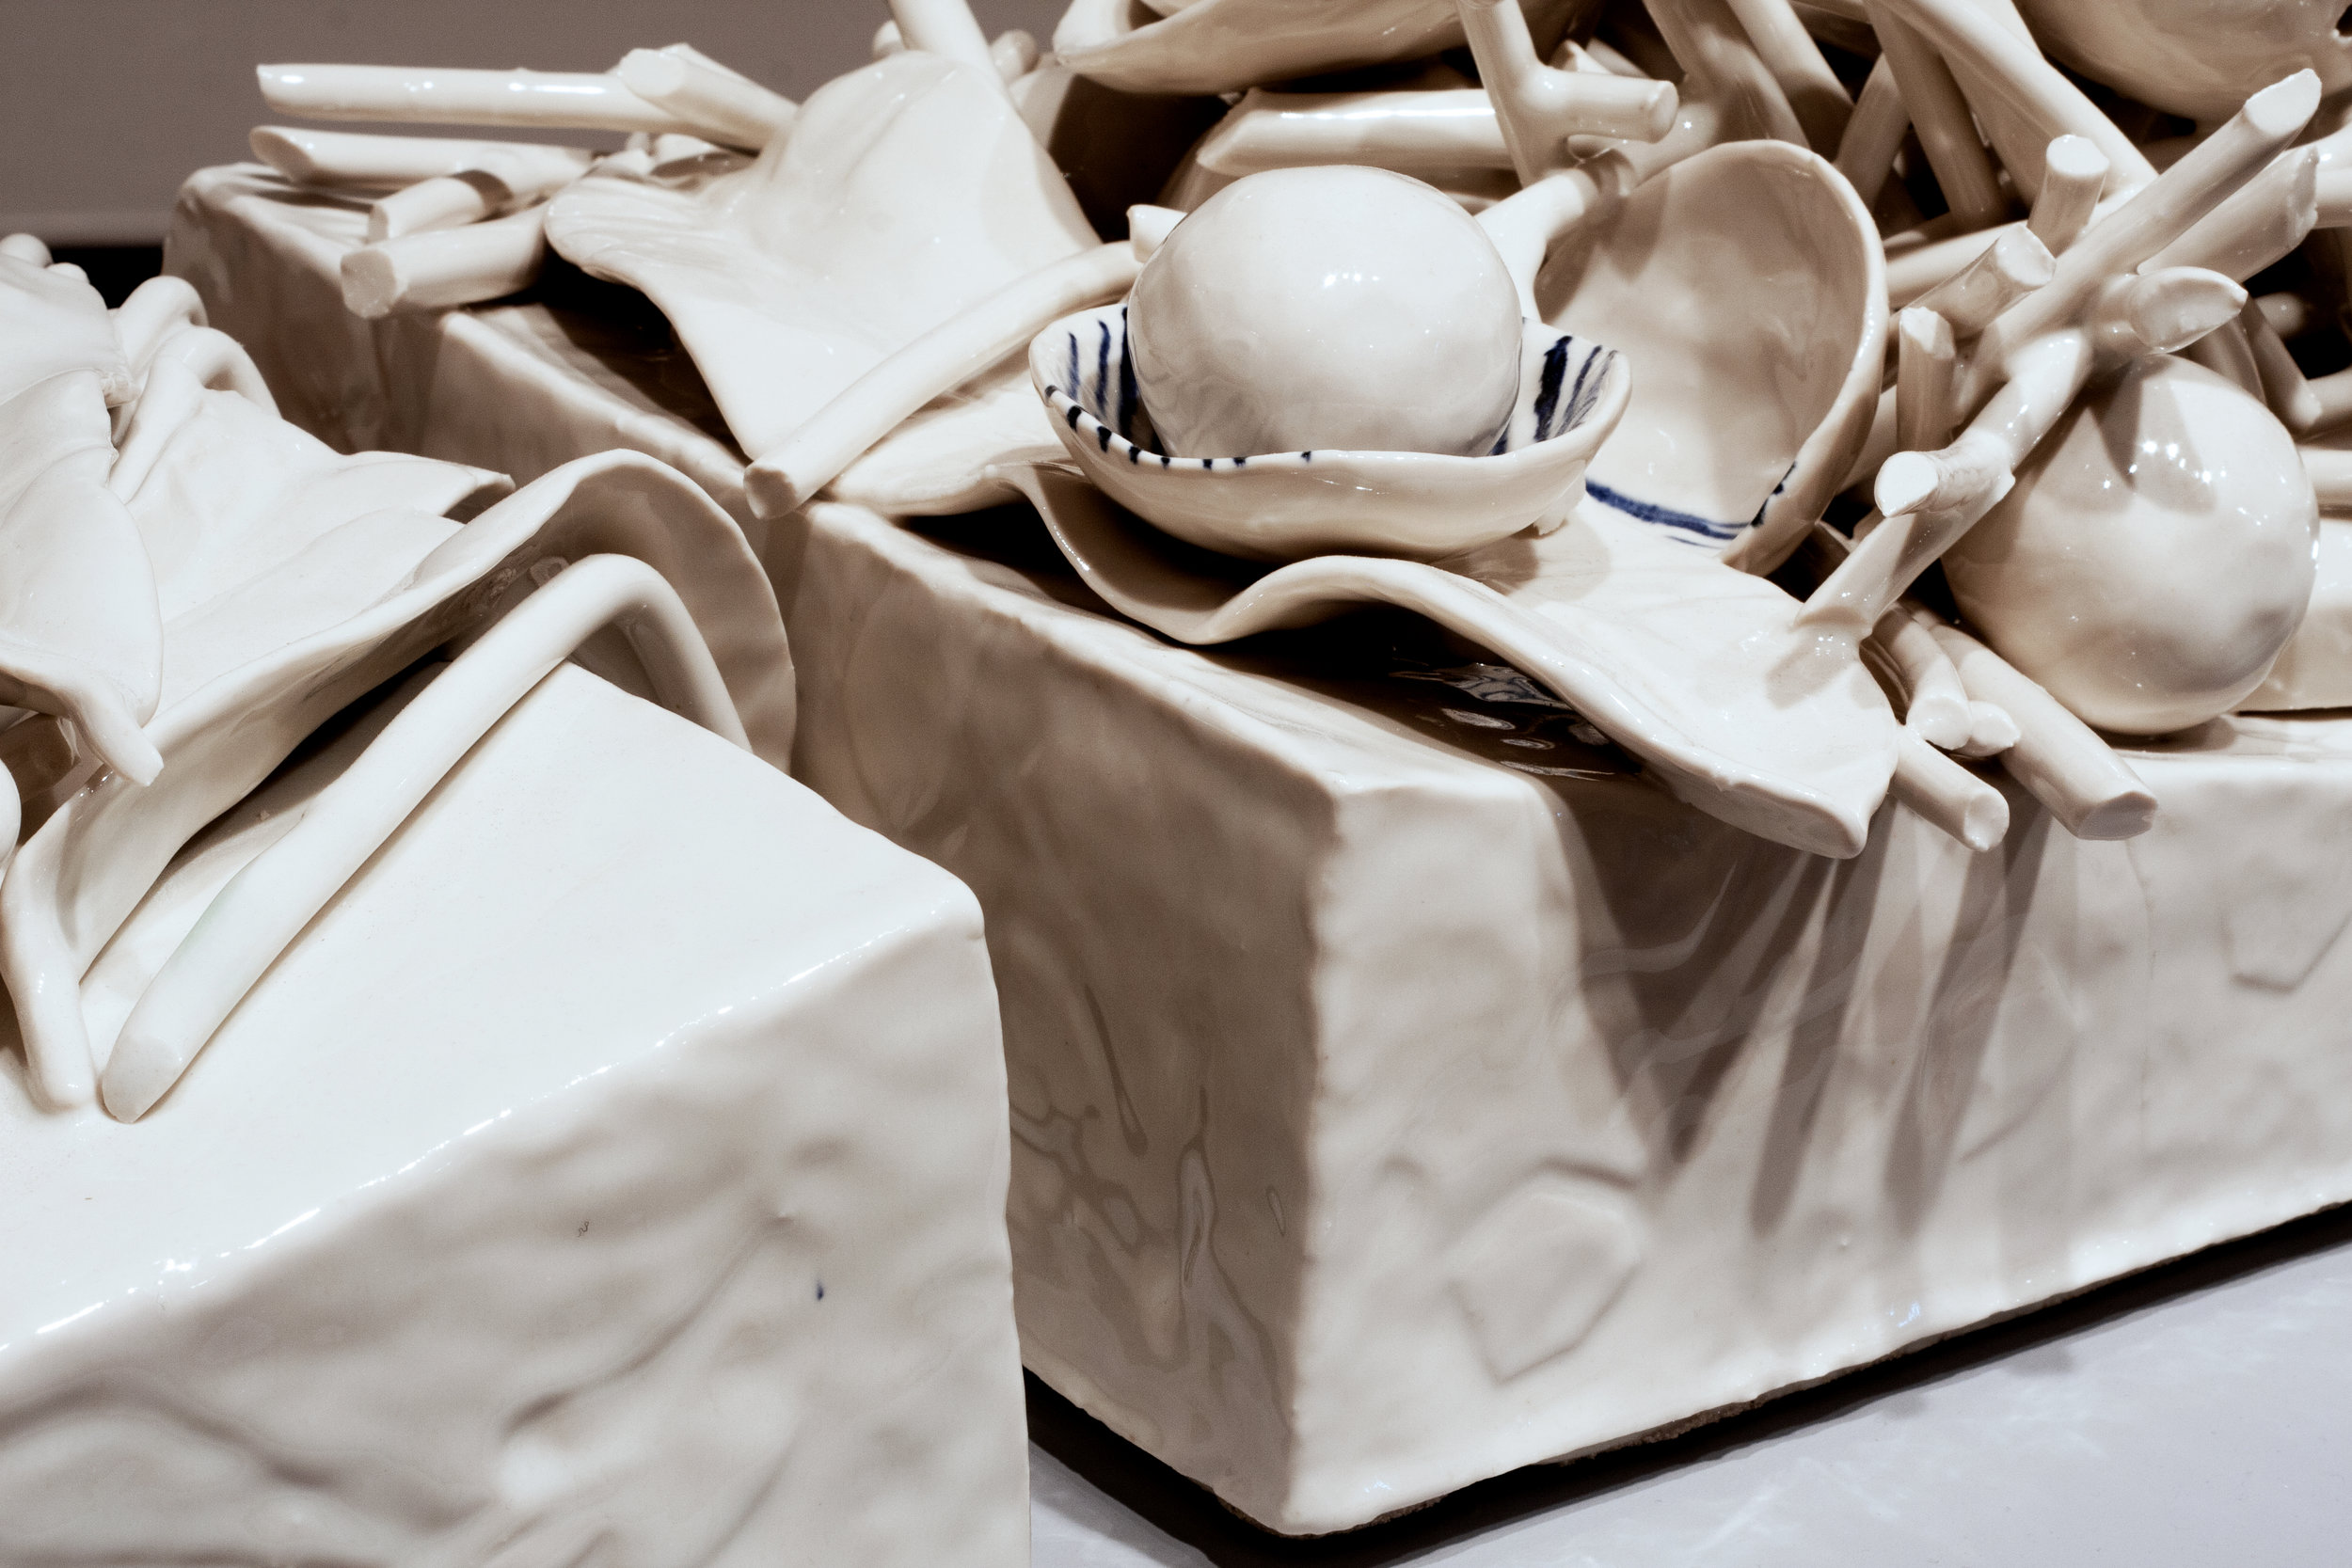 sculpture16.jpg